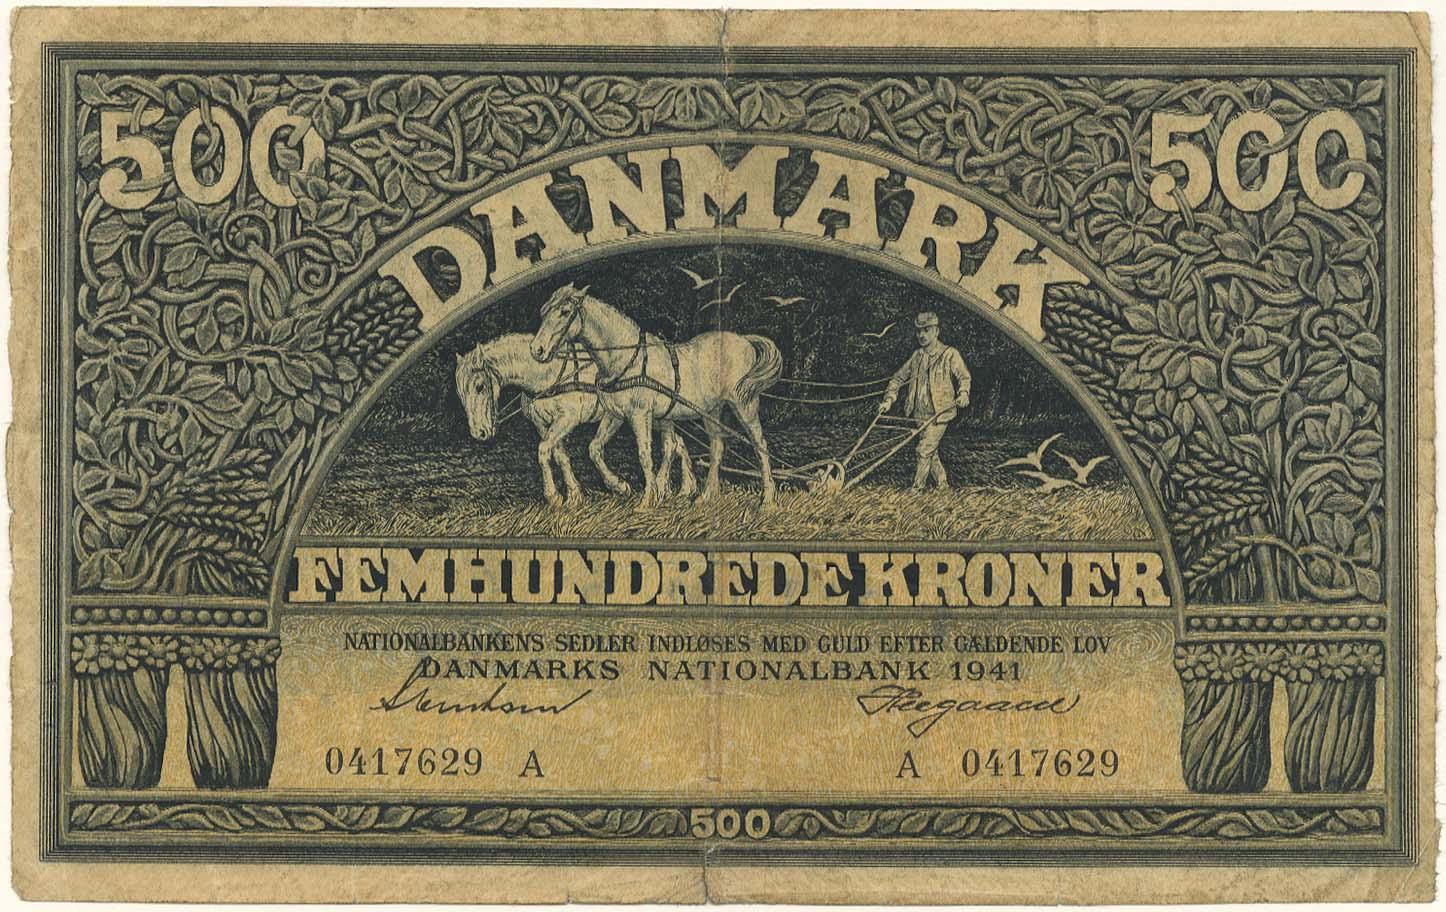 Lot 2150 - Geldscheine Deutschland - Deutsche Besatzung im II. Weltkrieg -  Auktionshaus Ulrich Felzmann GmbH & Co. KG Auction #161 Philatelic & Numismatic